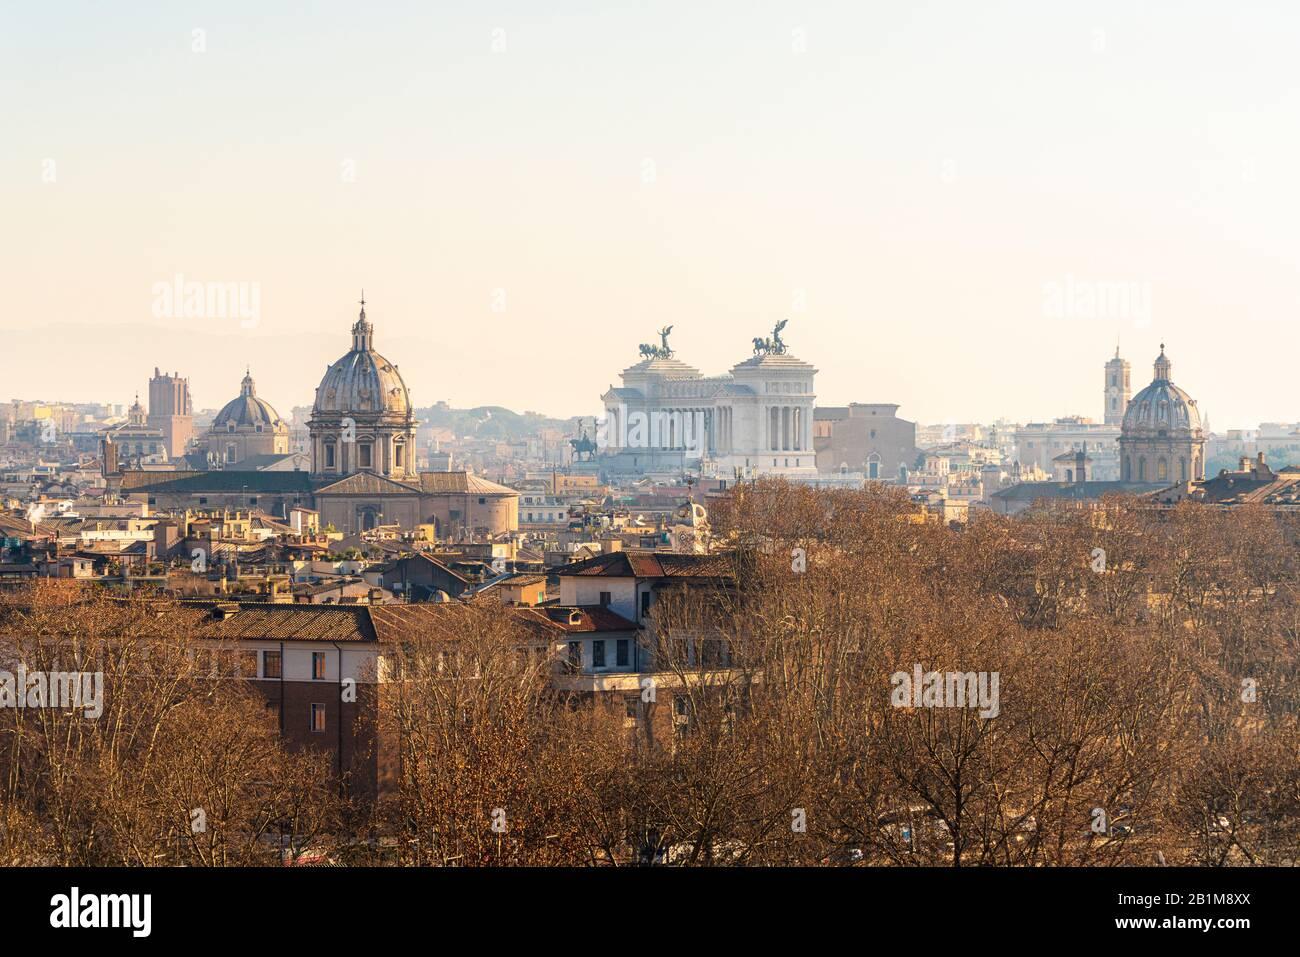 Altare della Patria also known as Vittoriano seen from Gianicolo hill, Rome, Lazio, Italy Stock Photo